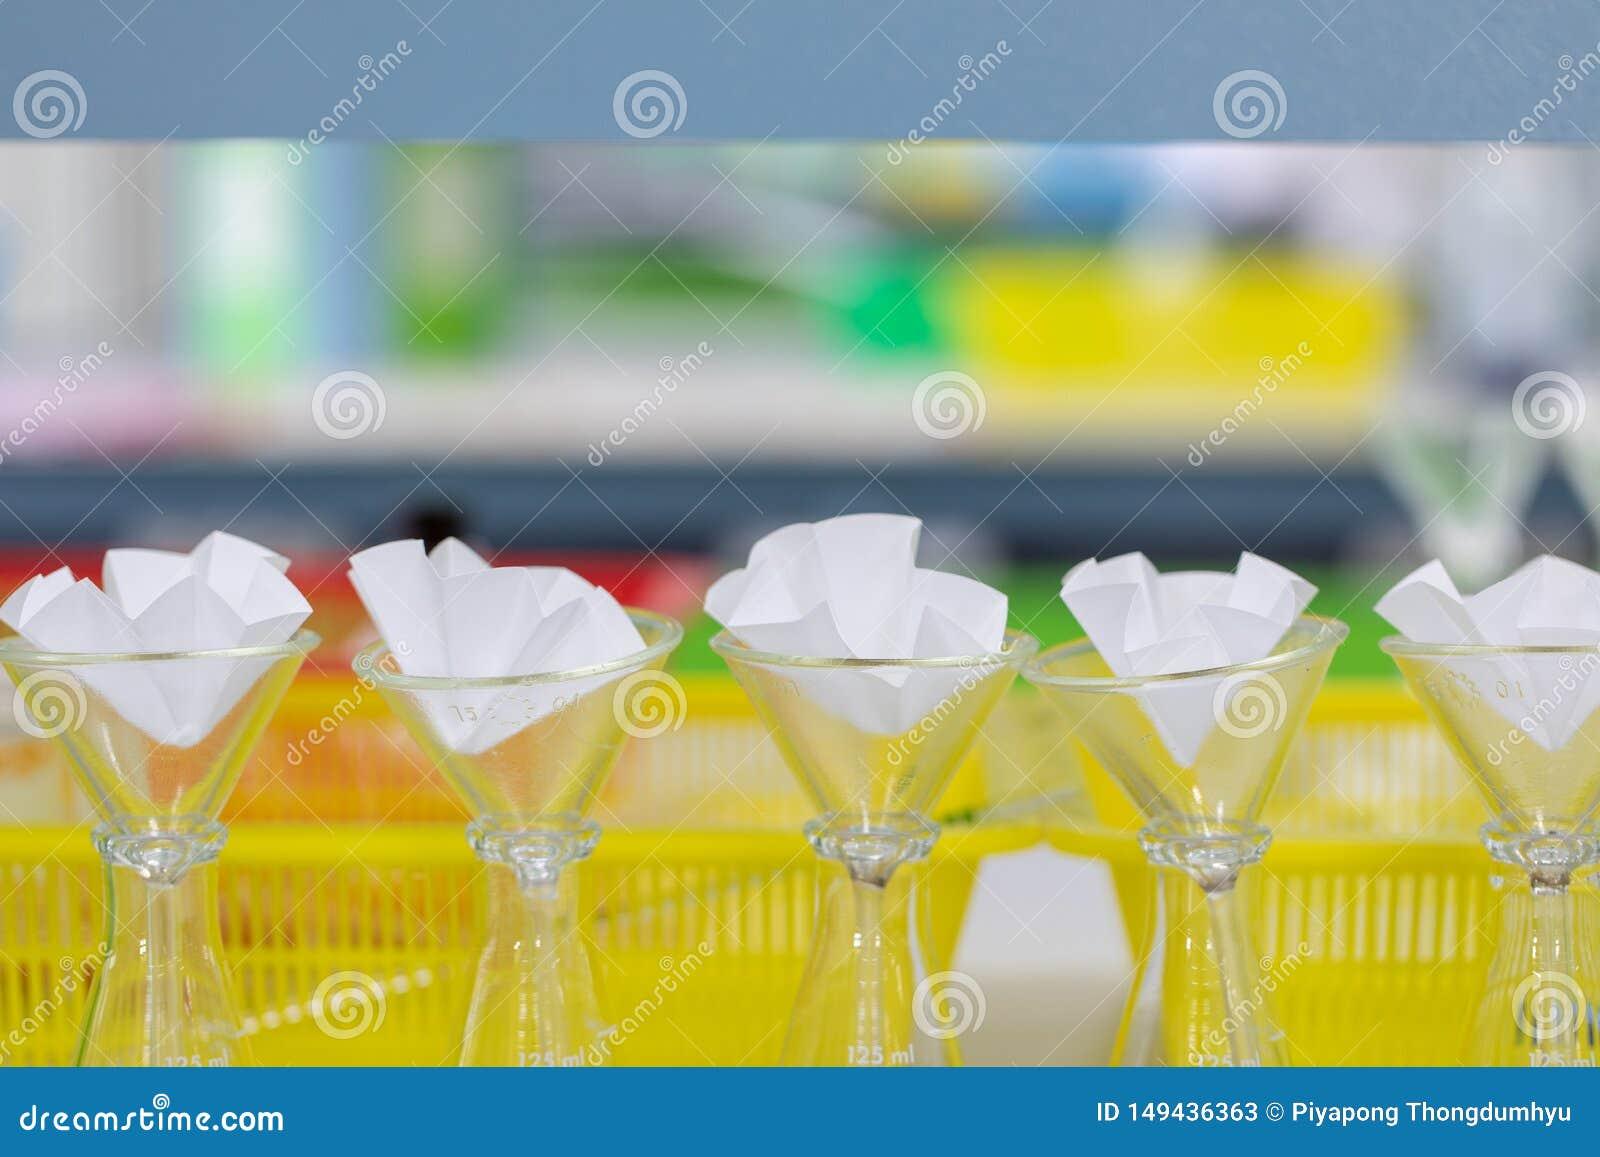 El estudio que separa por la filtraci?n las sustancias componentes de mezcla l?quida